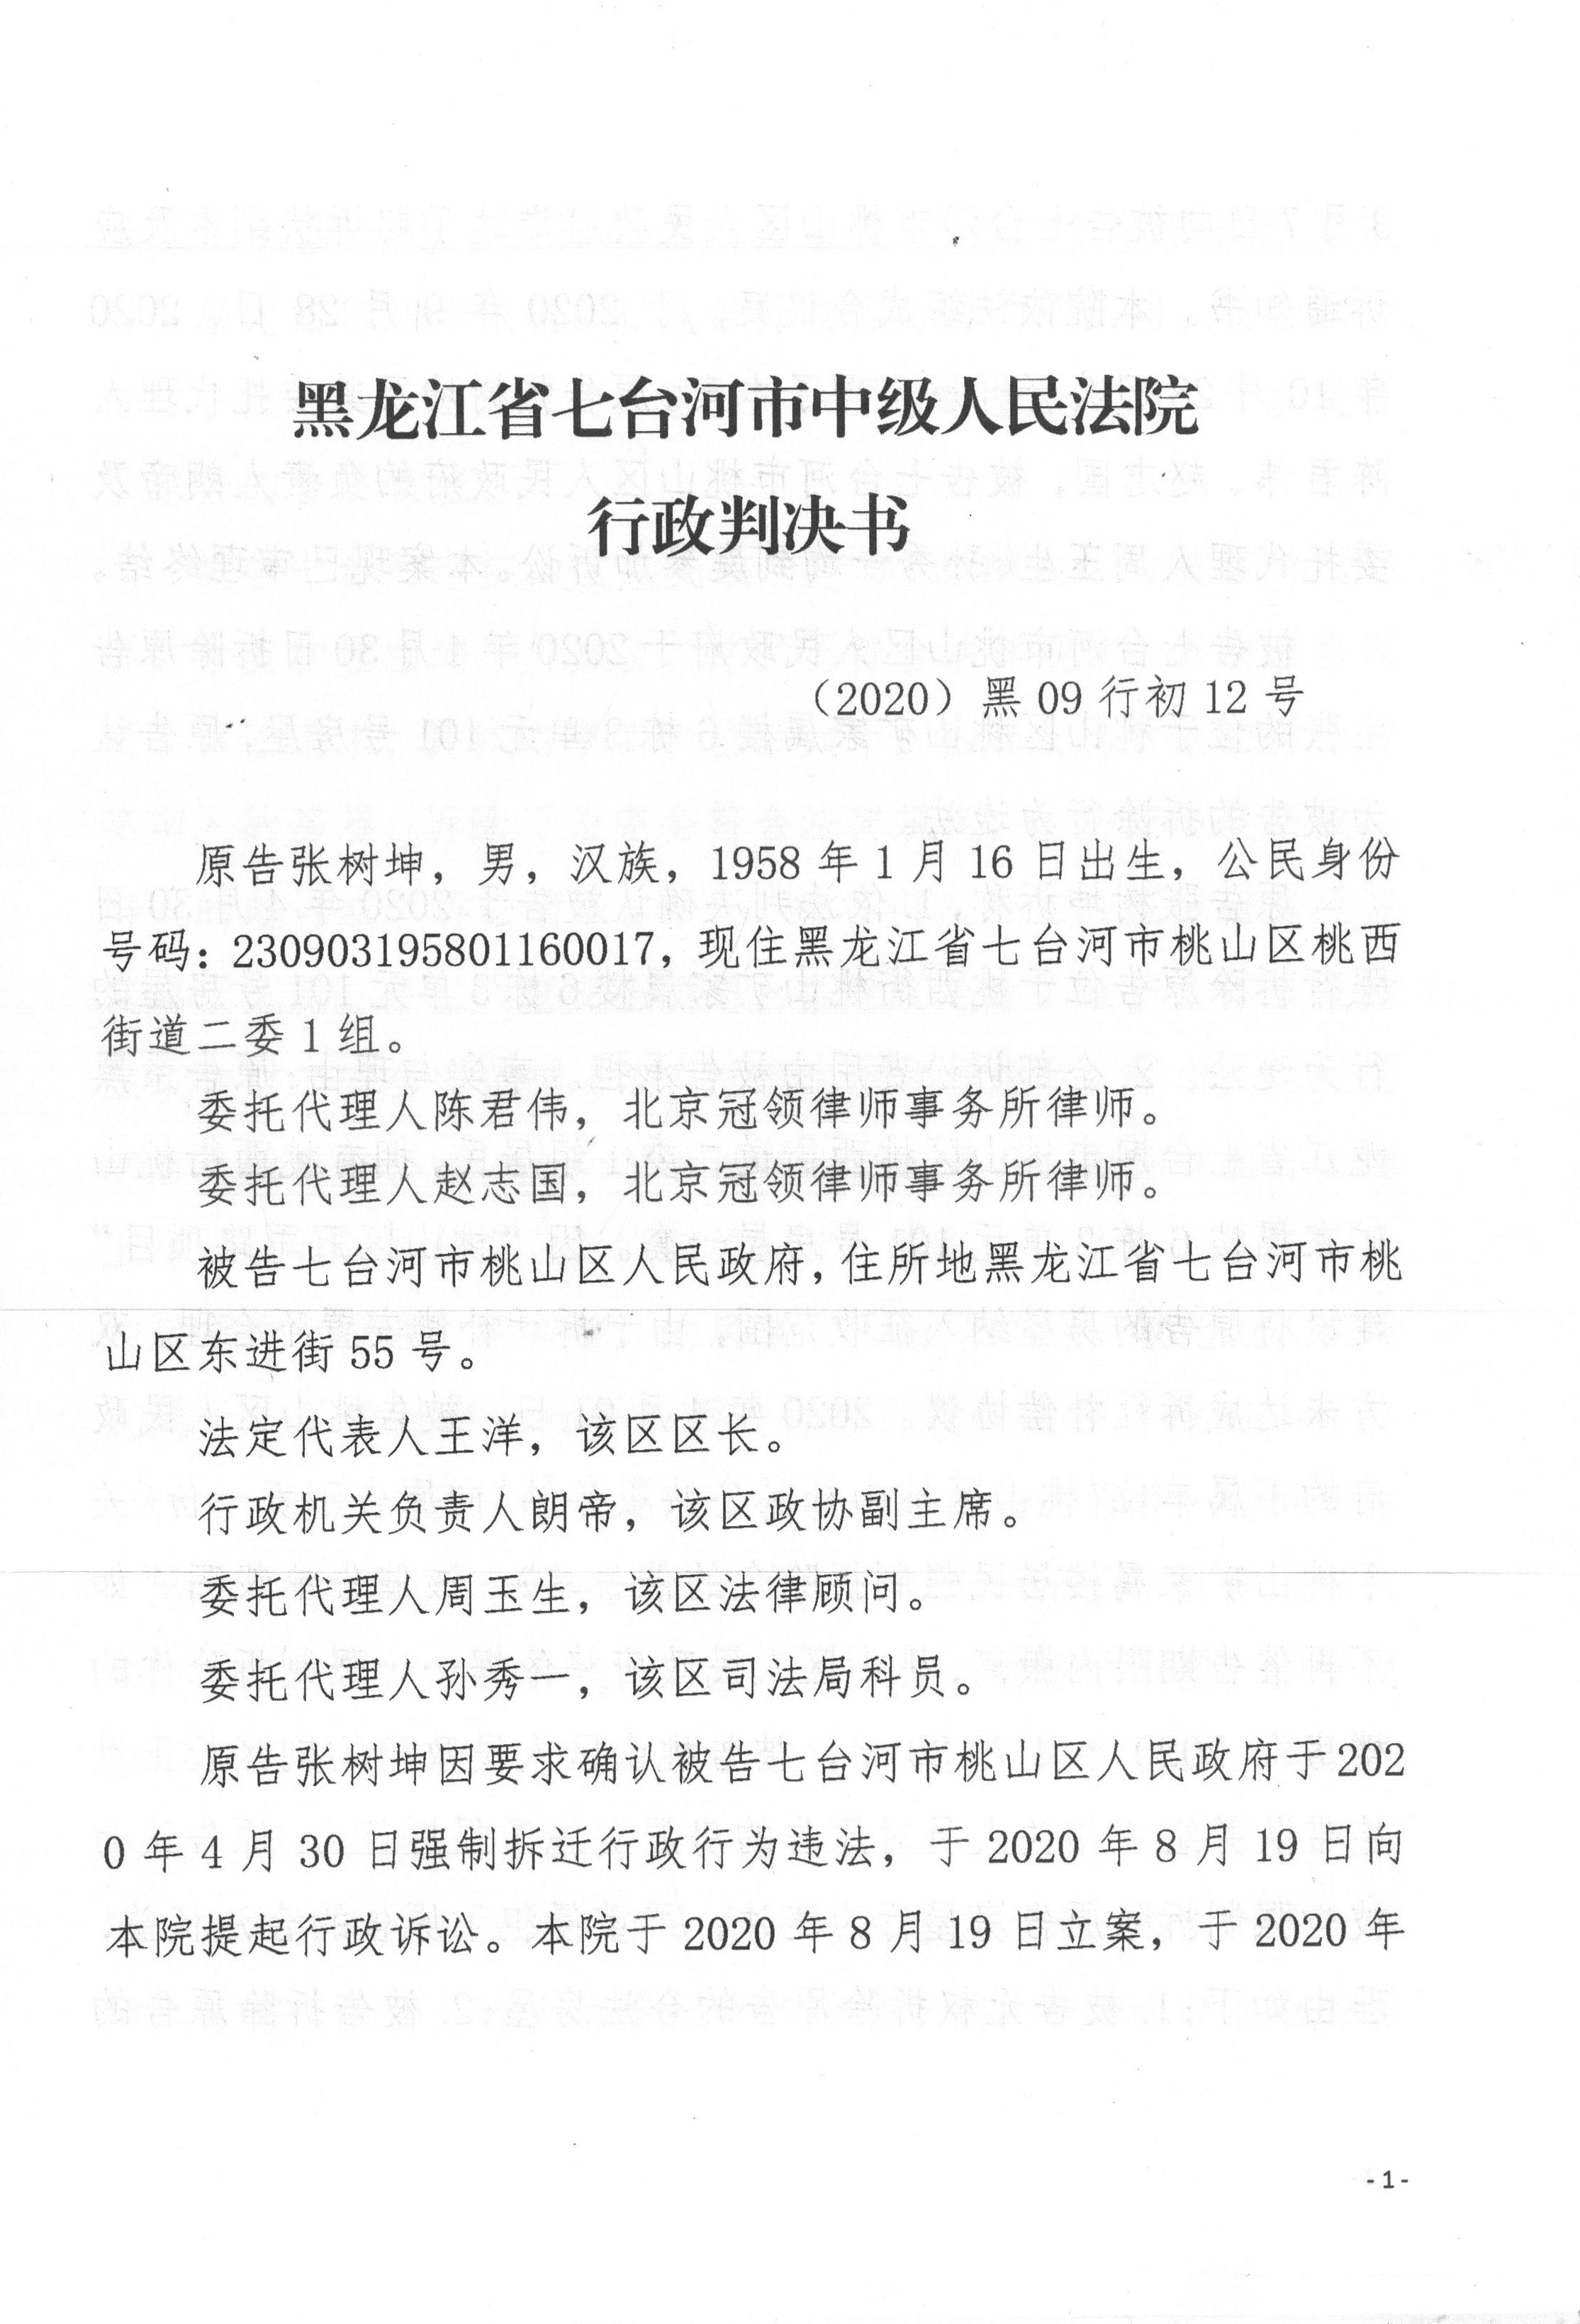 黑龙江省七台河市拆迁律师;房屋被认定成危房,一拆了之不合法